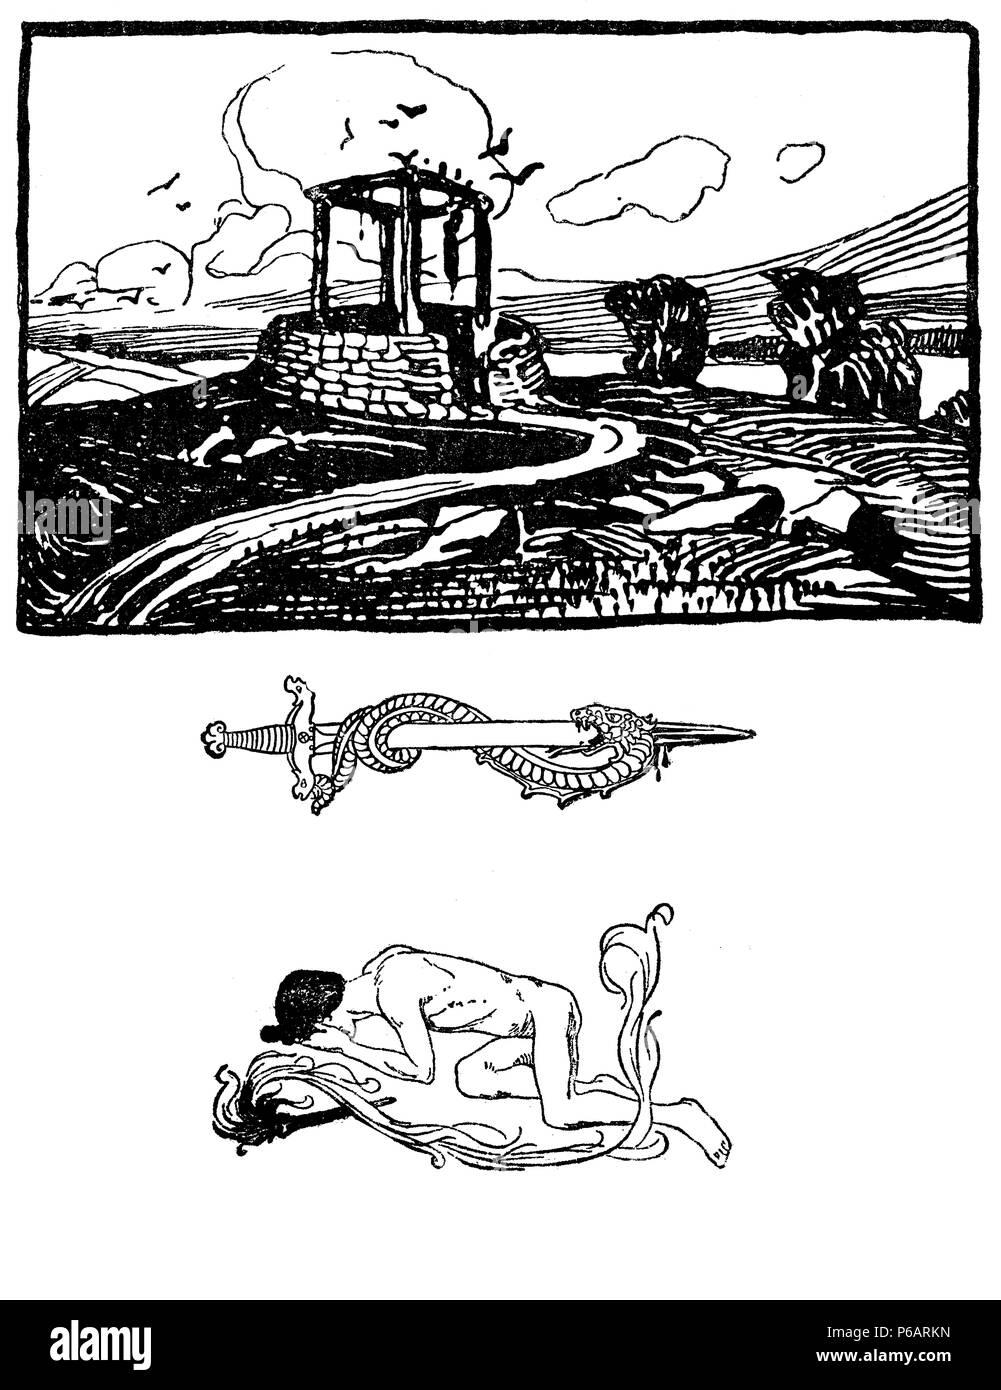 Typografische dekorative Art déco-Elemente early'900: stilisierte Landschaft, Schwert und Schlange, die menschliche Figur als Banner, Grenze und Ende Kapitel Dekoration Stockbild